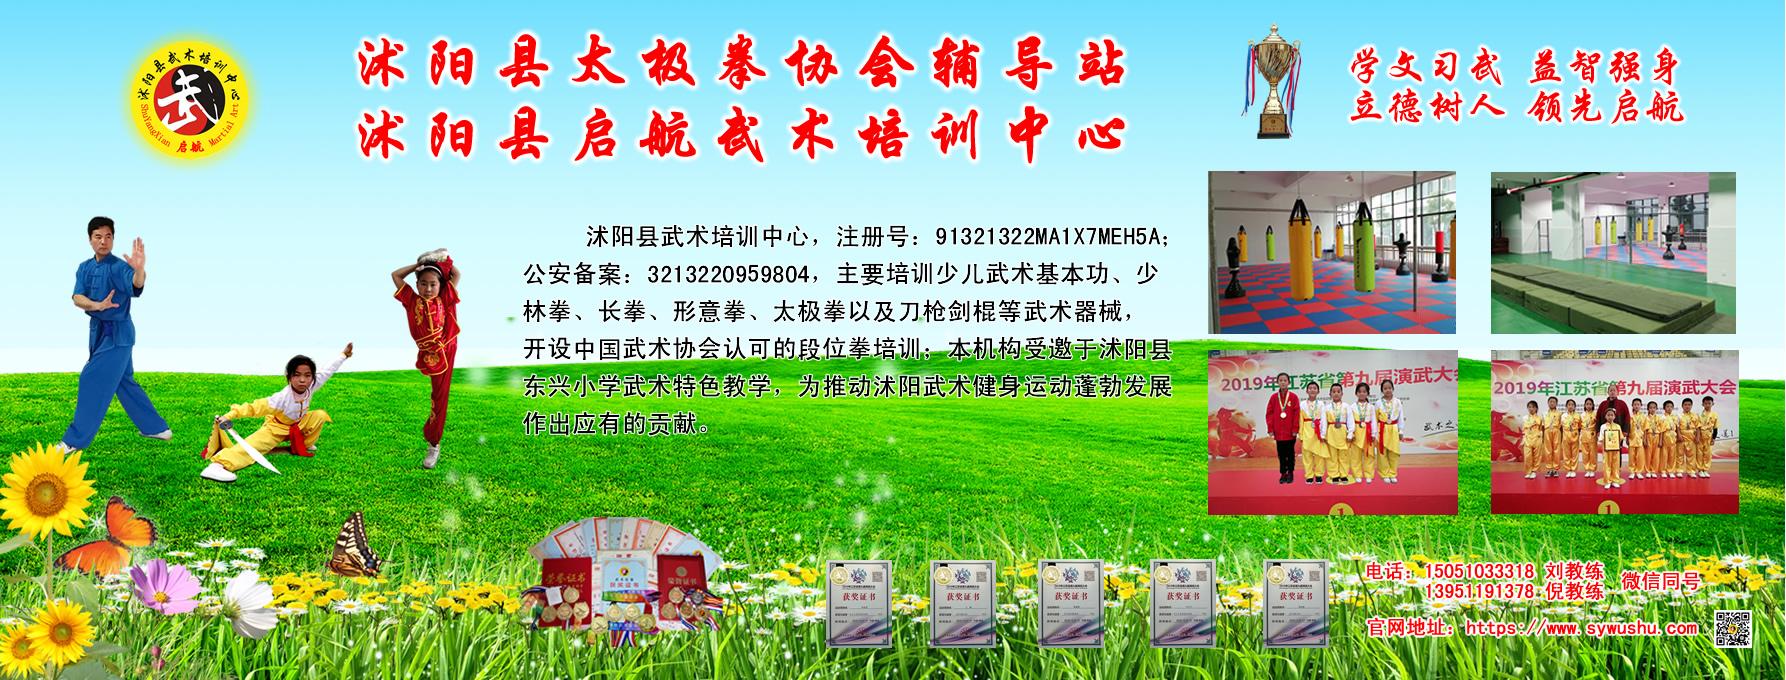 沭阳县武术培训中心